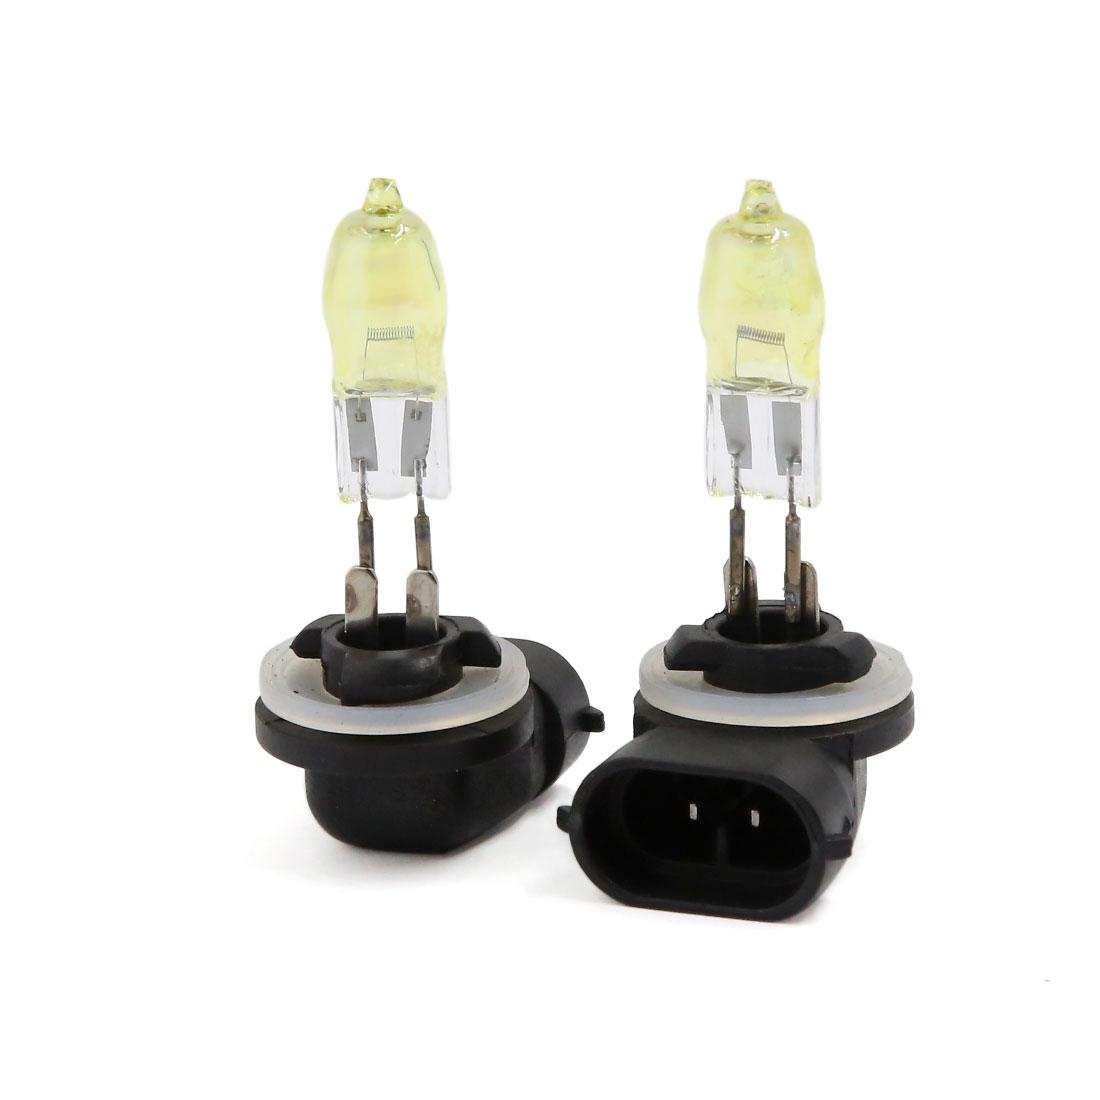 Golden Yellow 881 Halogen Bulbs Fog Light HOD Xenon Lamp 12V 100W Pair